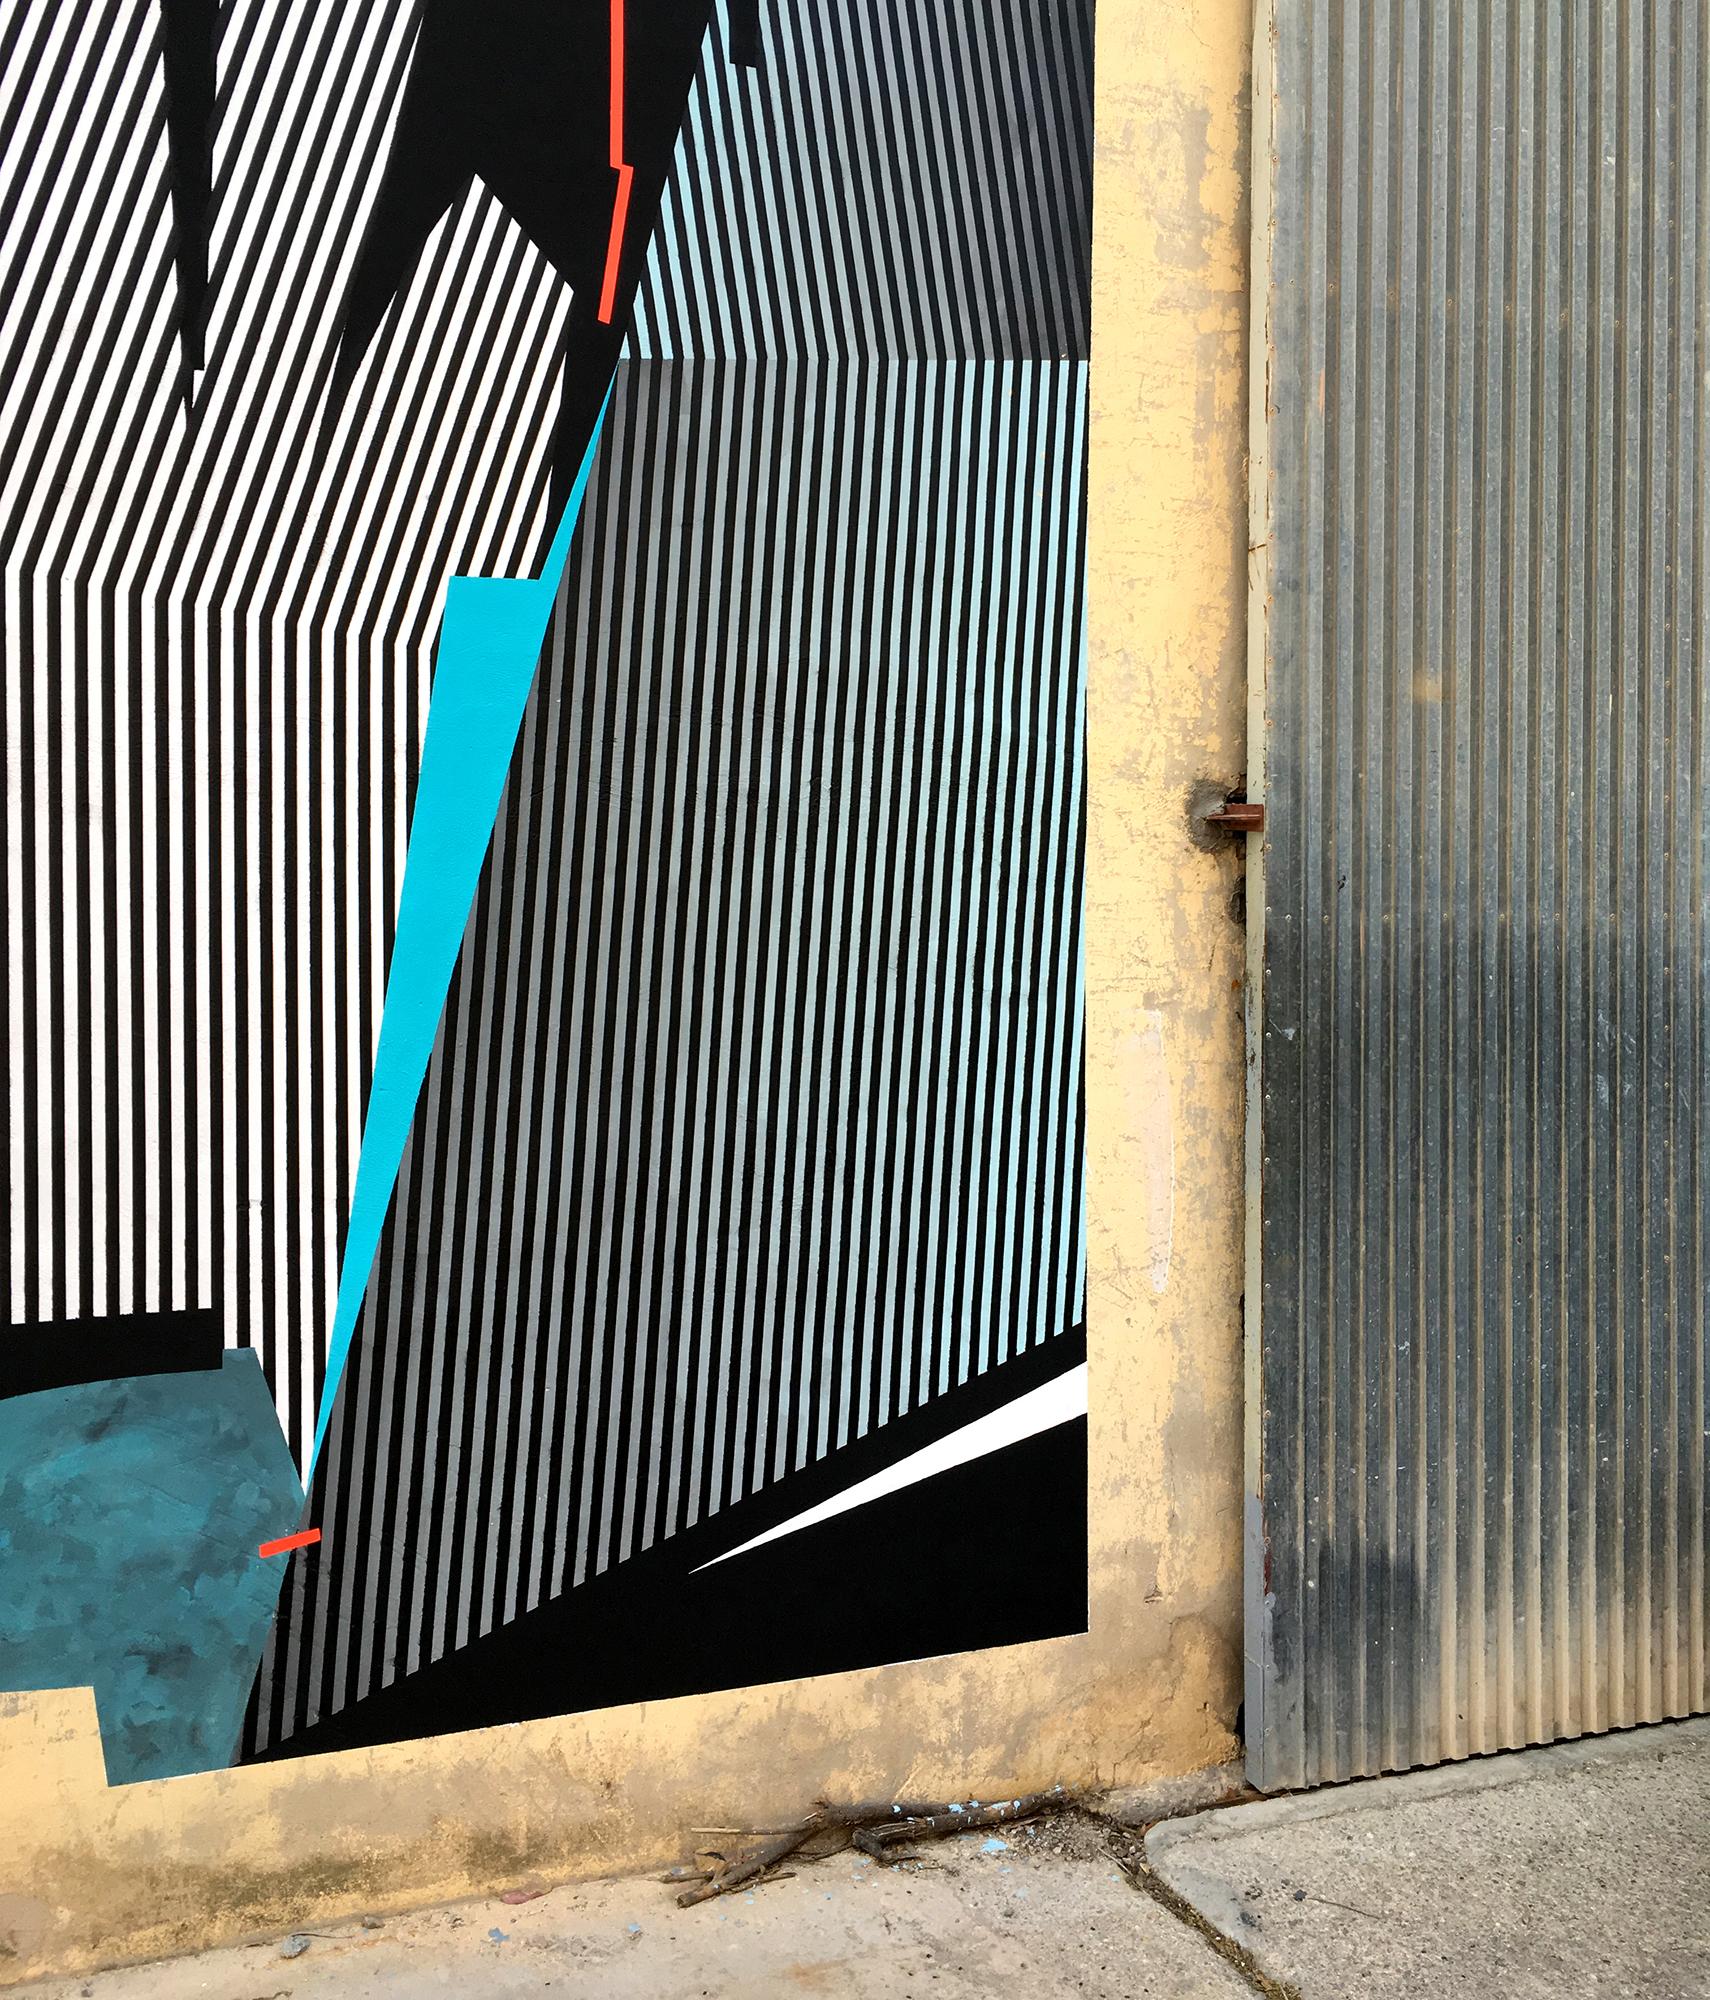 Seikon Street Art Ibiza